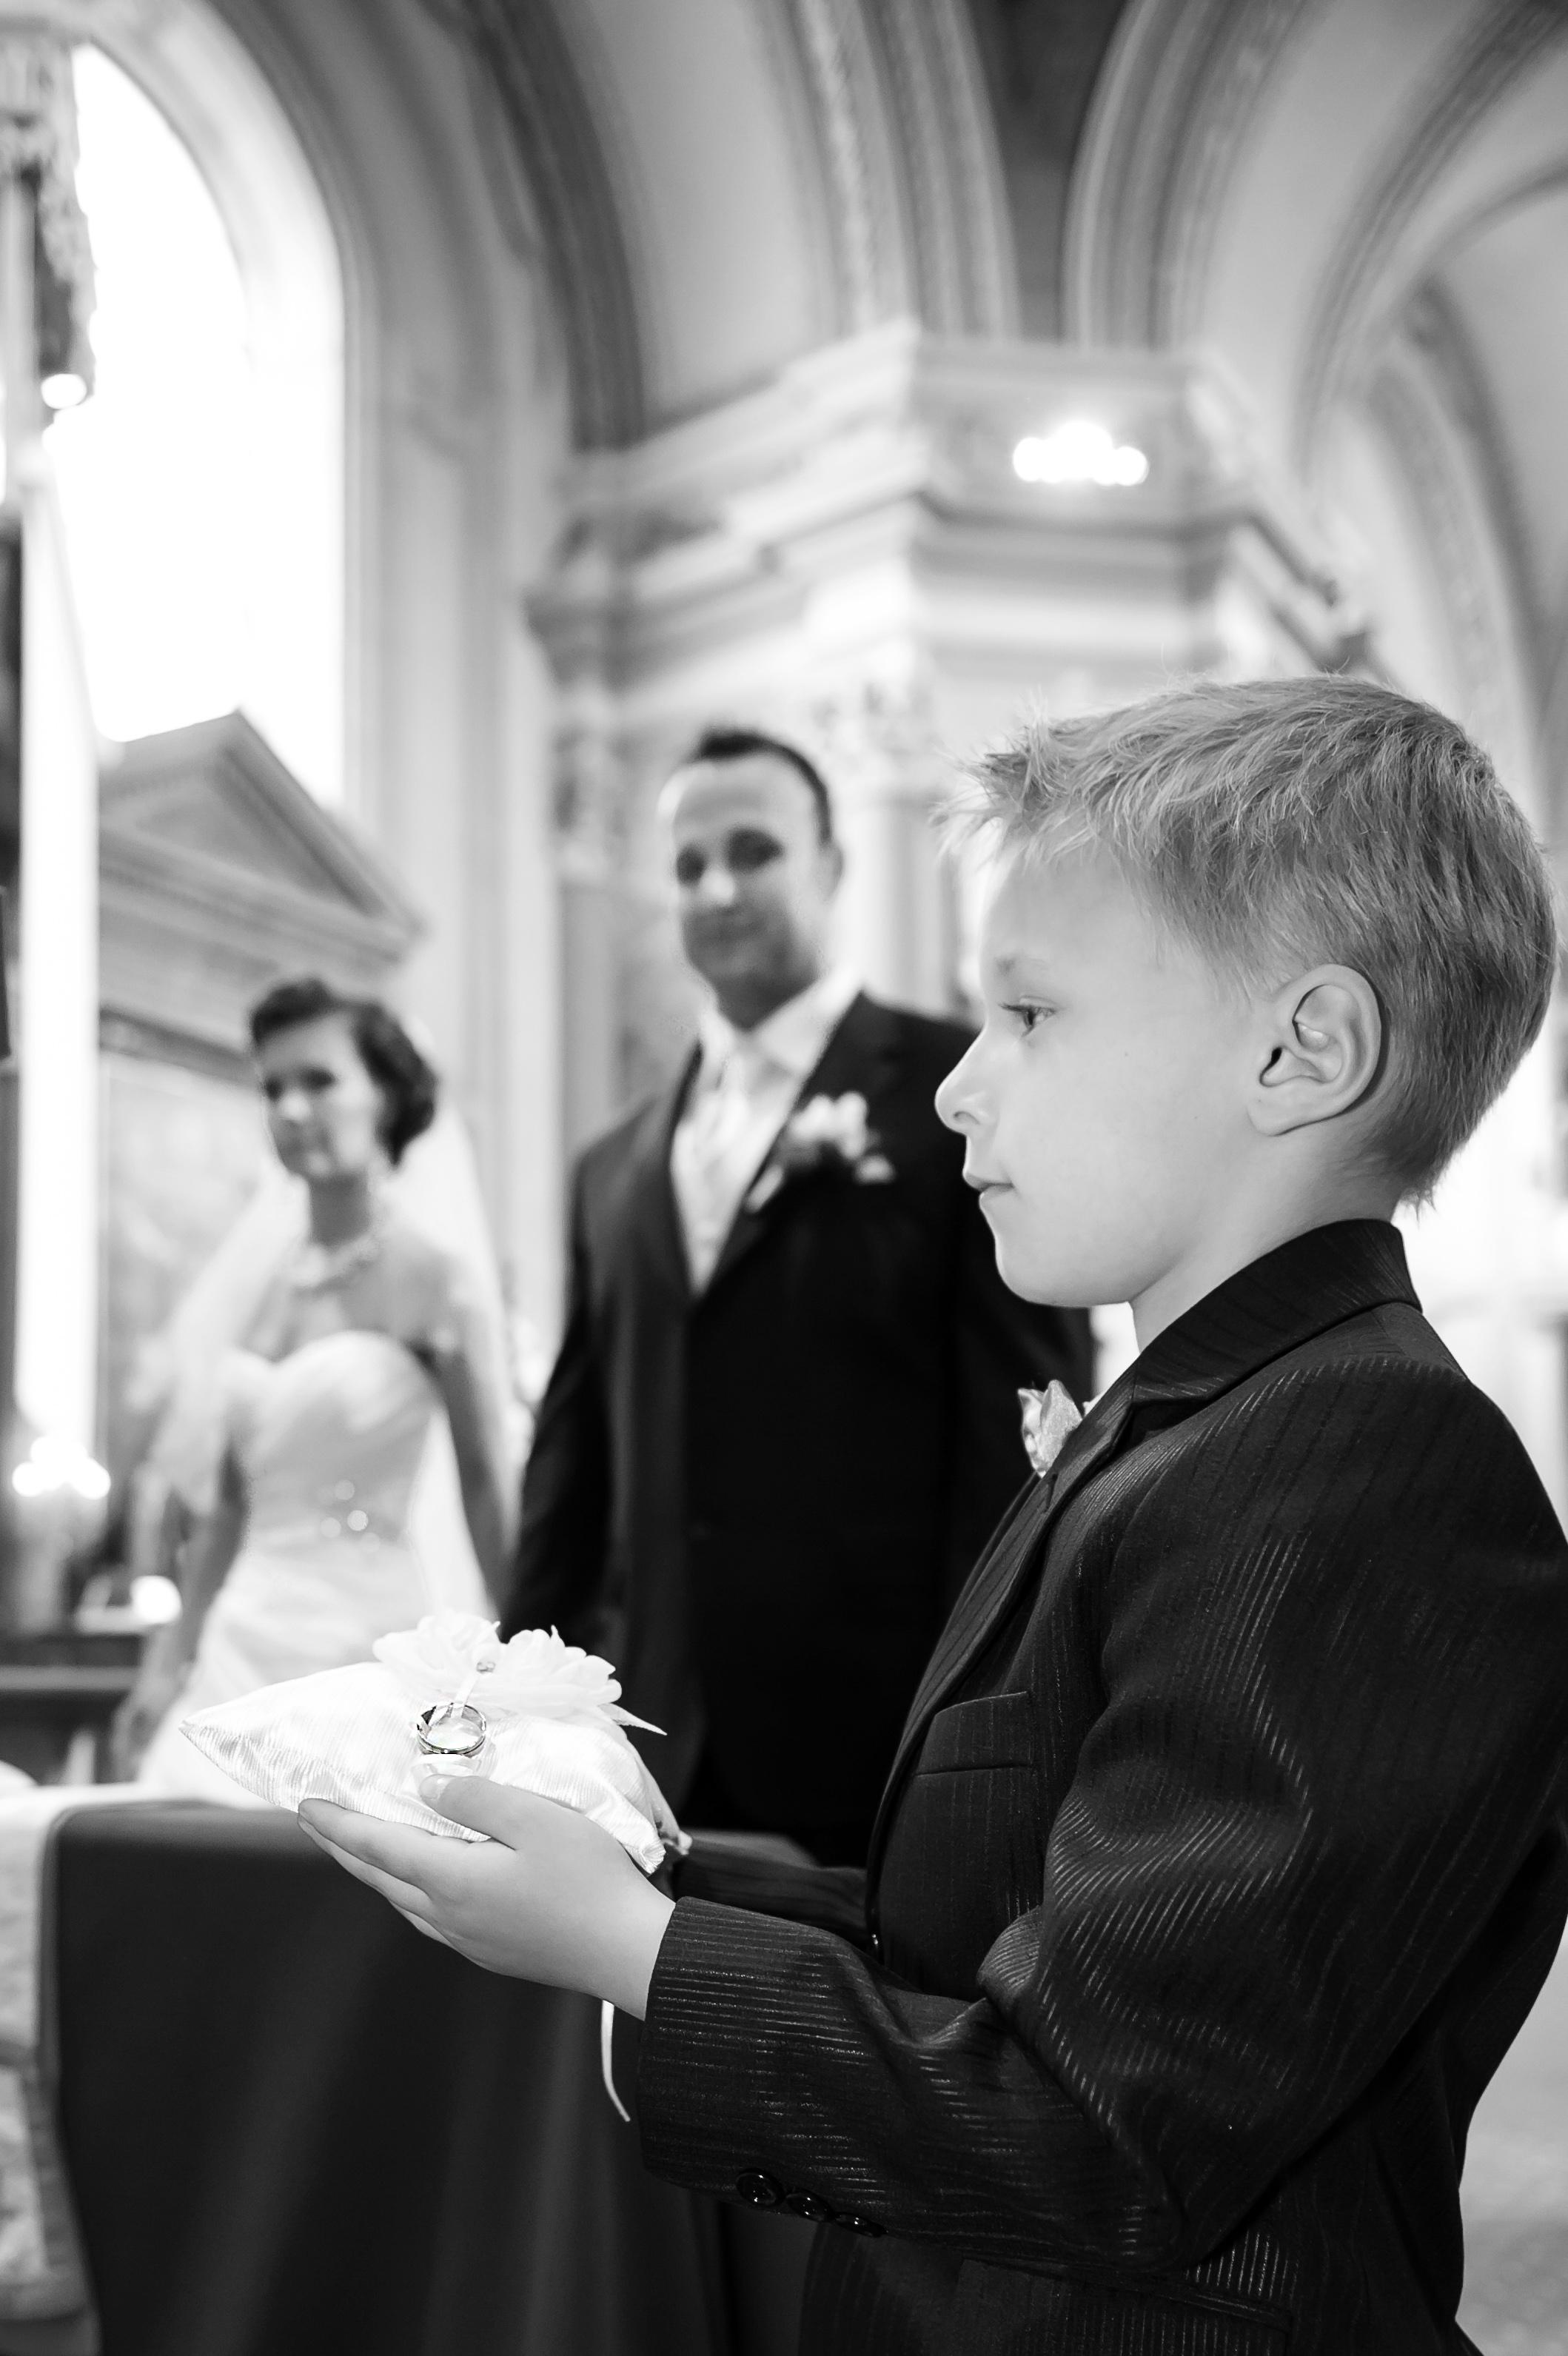 42d57f53e8 ... habos-babos romantikus esküvő egyik szívmelengető pillanata: jól fésült  megszeppent angyalarcú fiúcska áll bevetésre készen egy csodaszép  gyűrűpárnával.